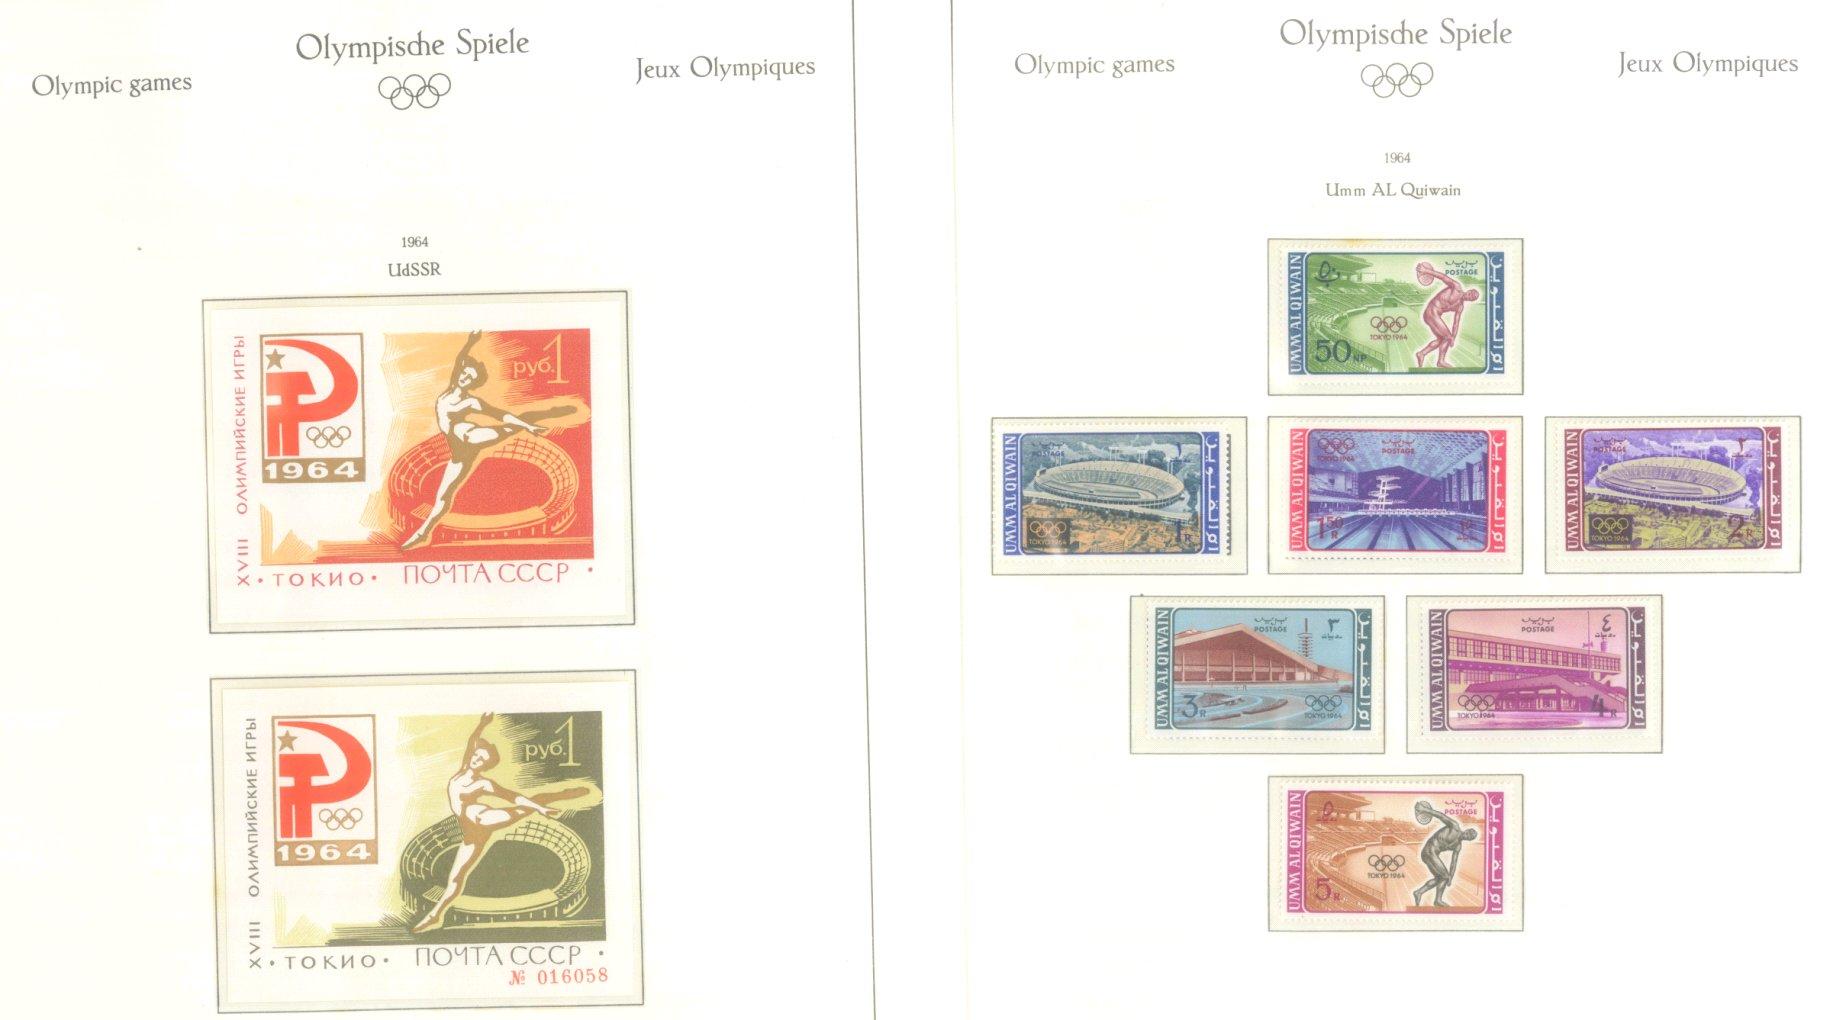 OLYMPISCHE SPIELE 1964 TOKIO, postfrische Sammlung Teil 2-46